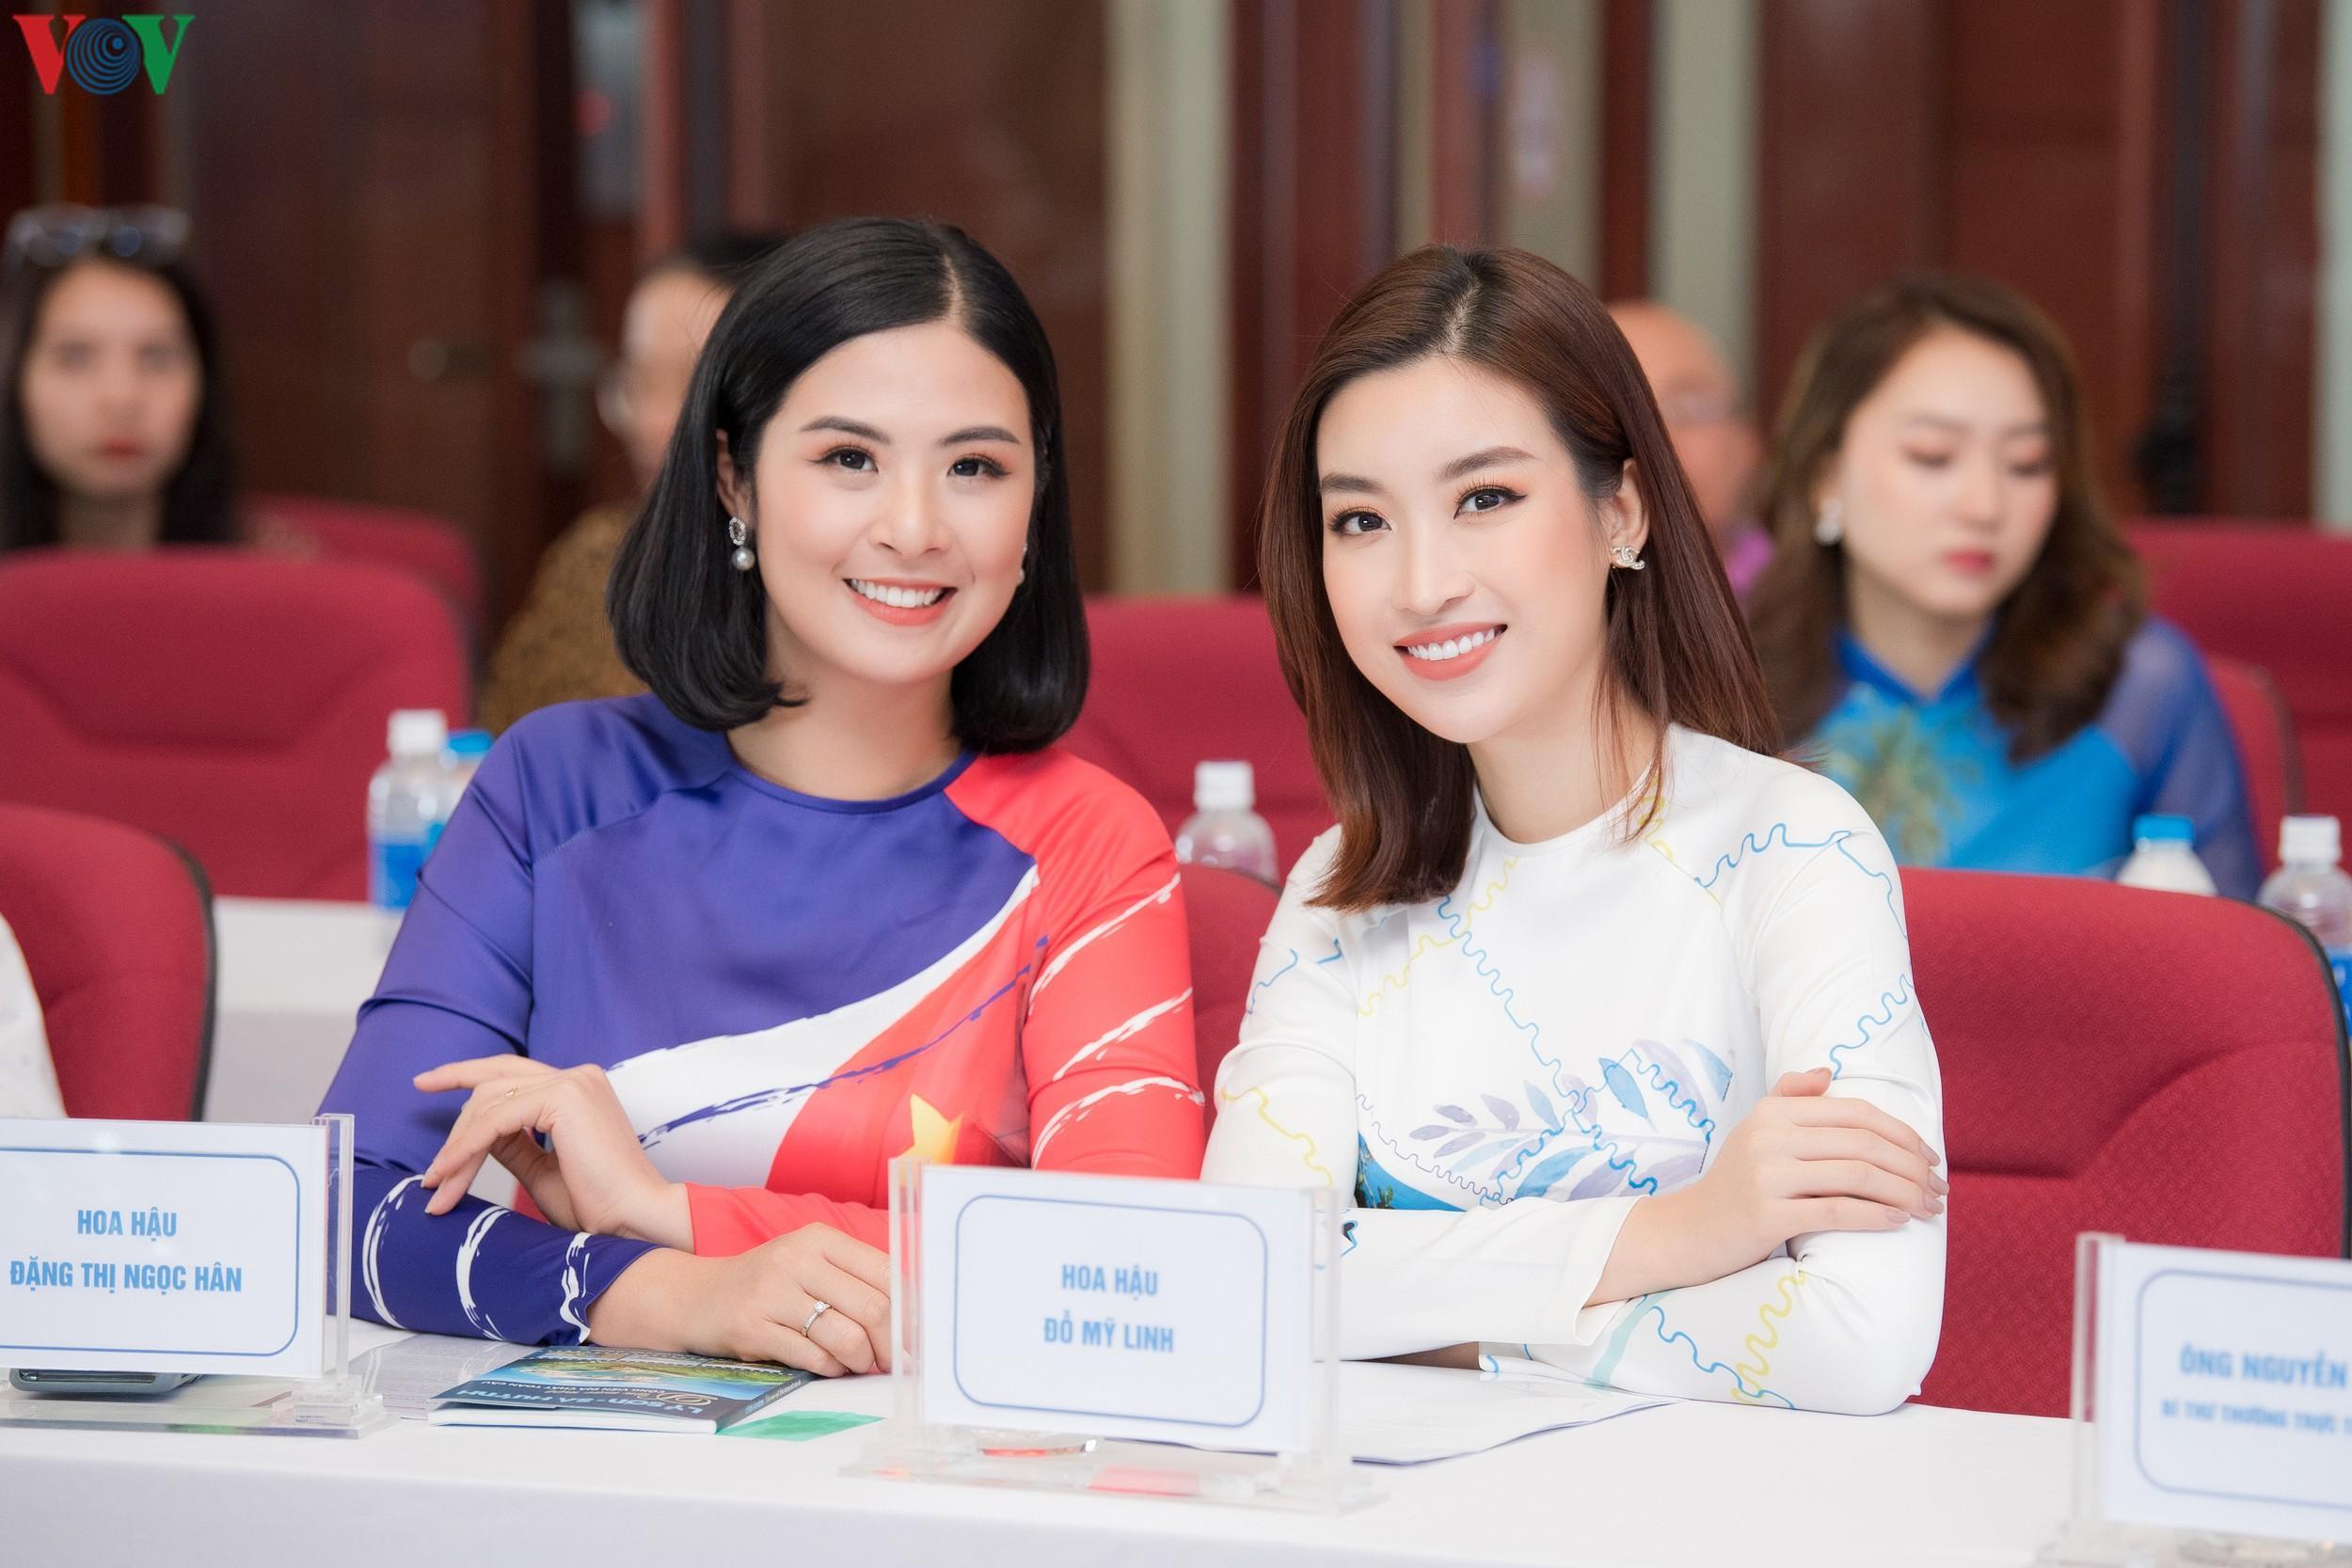 Hoa hậu Ngọc Hân, Đỗ Mỹ Linh đọ dáng với áo dài in hình biển đảo Ảnh 2